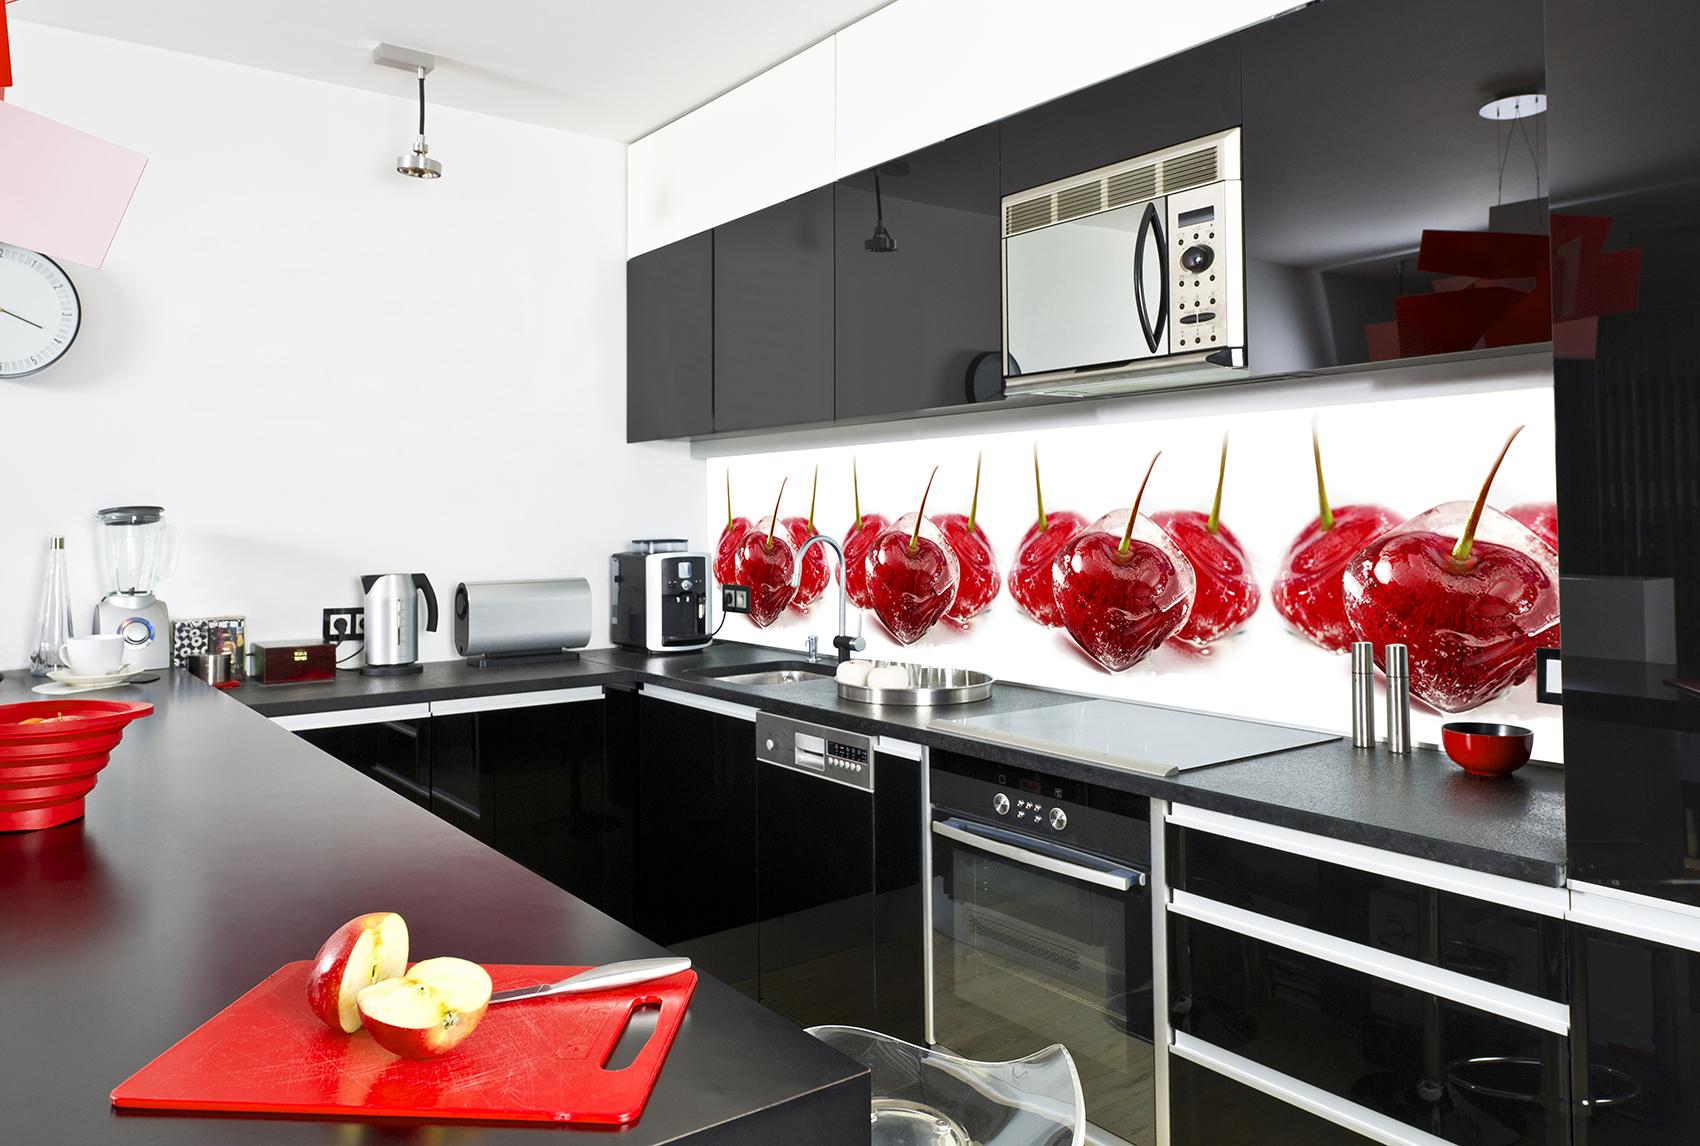 Стеклянный фартук для кухни с изображением вишни